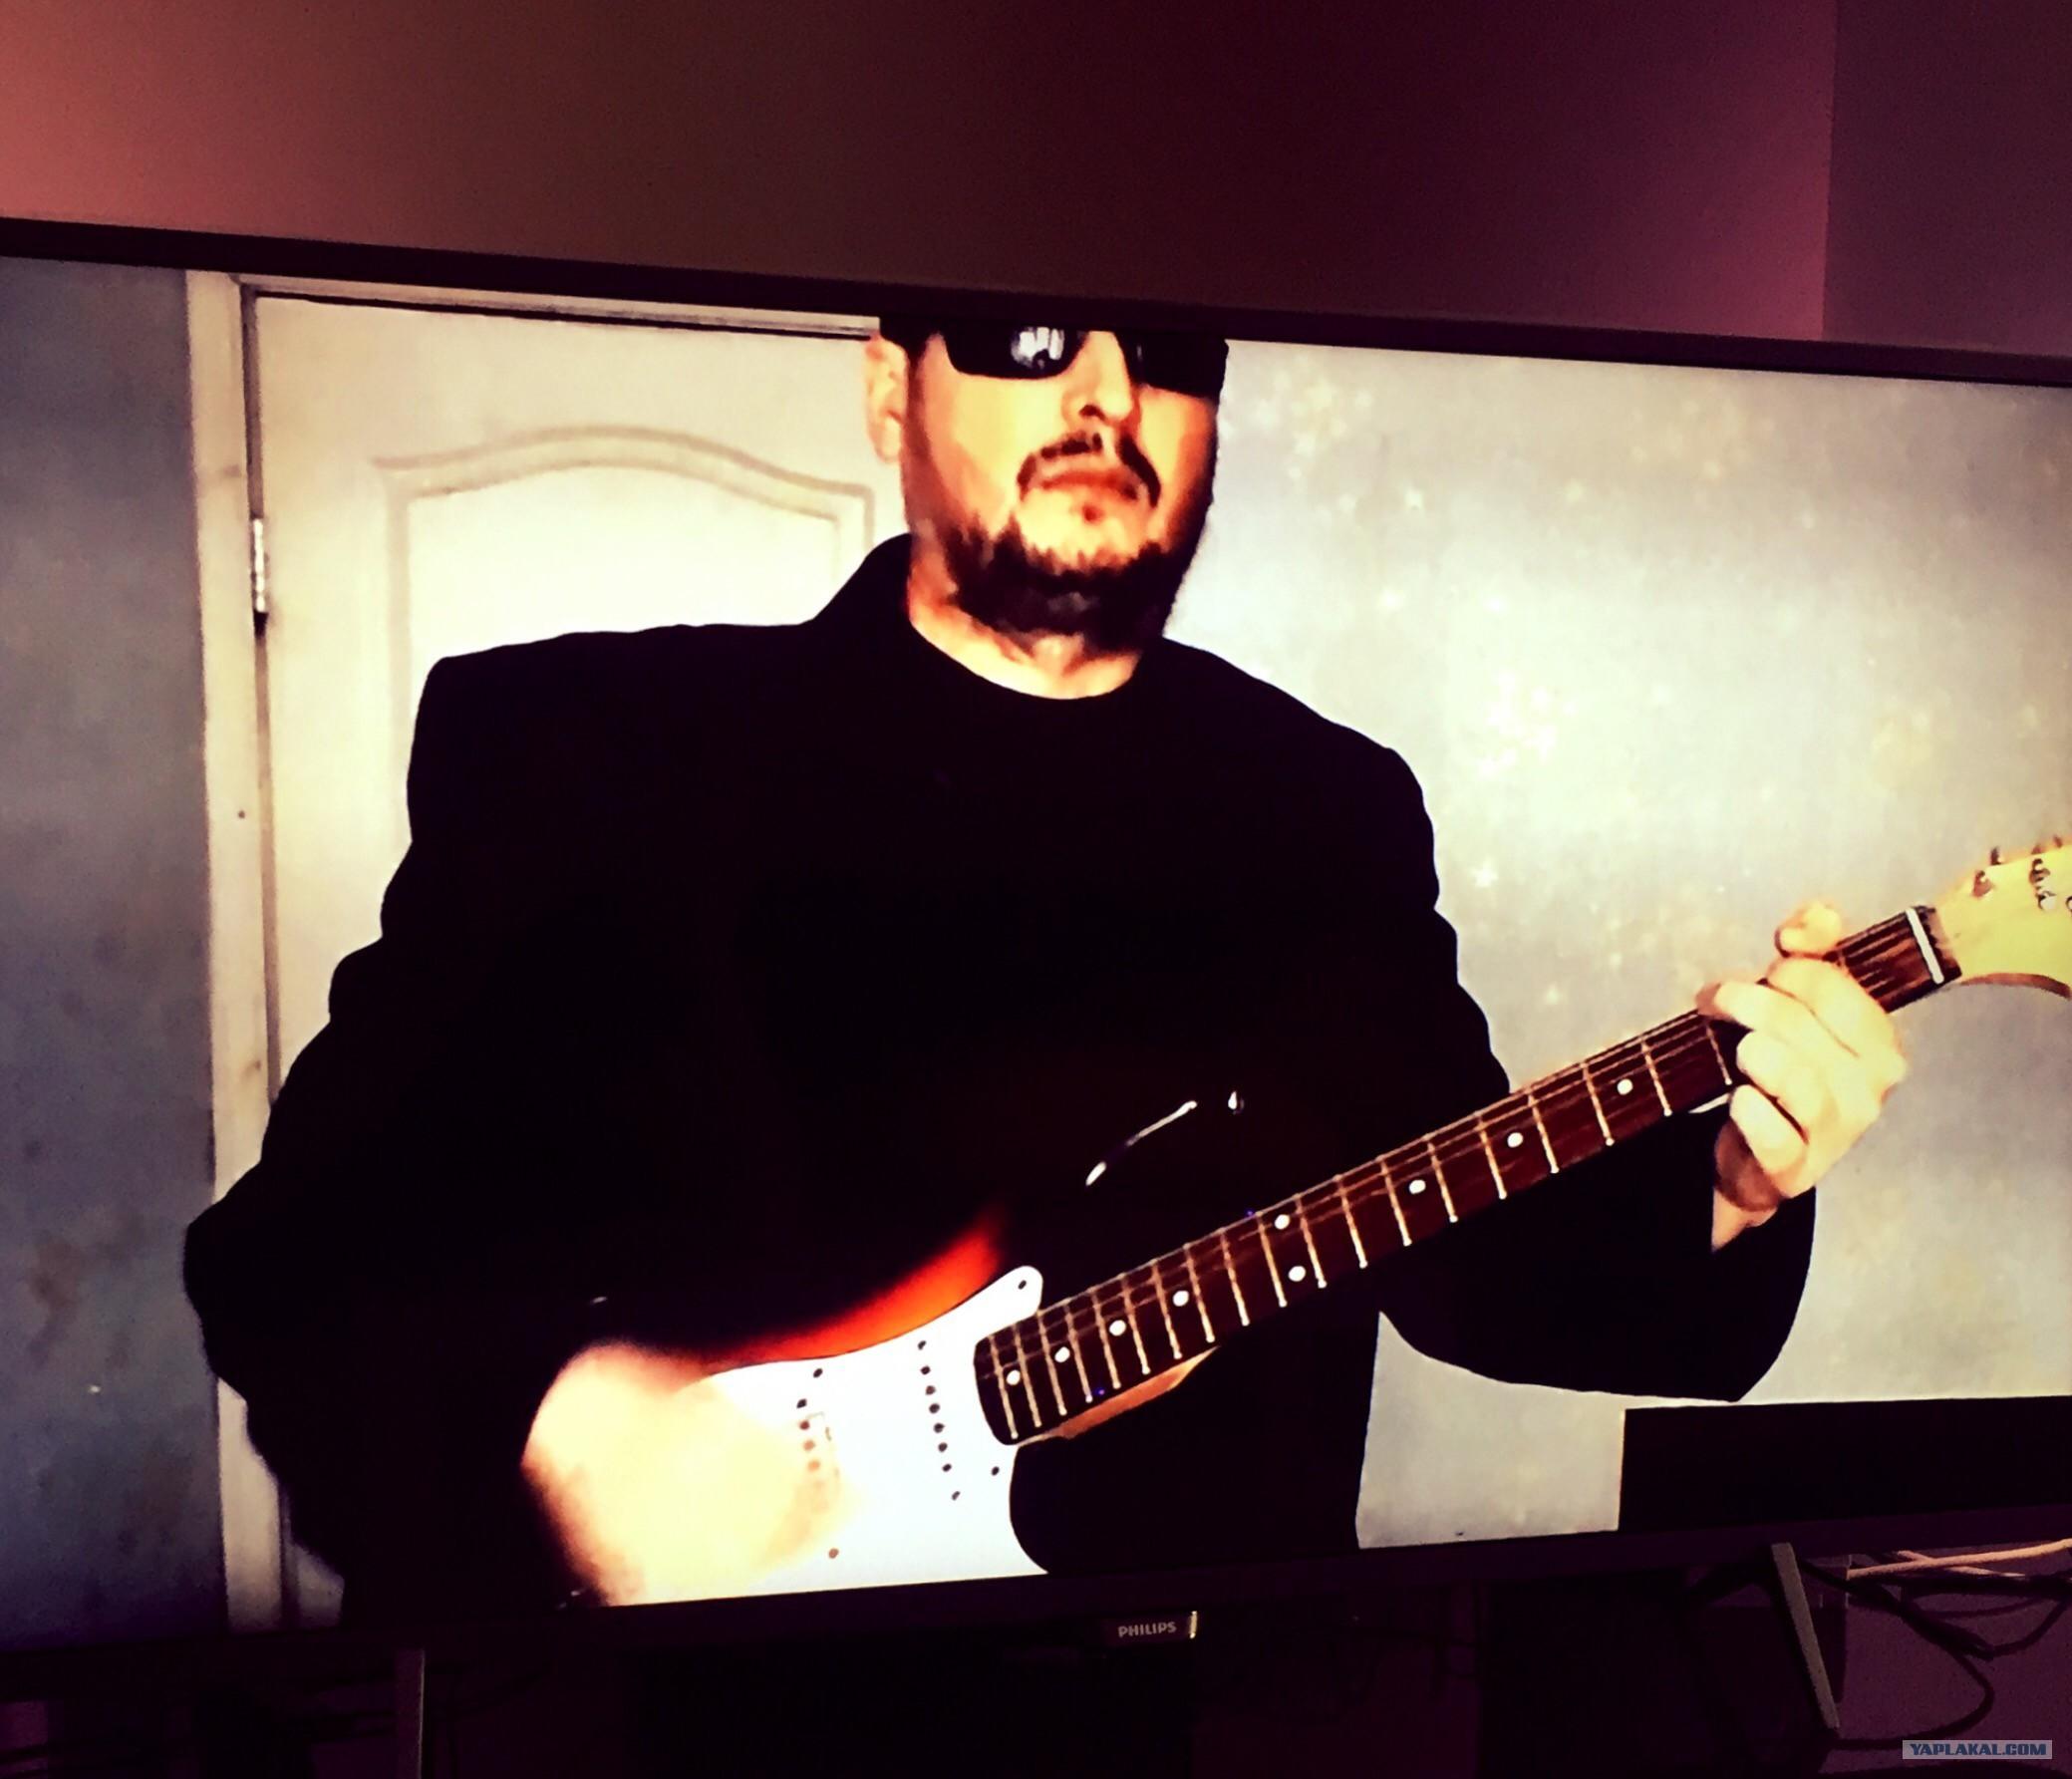 Статус про гитаре 97